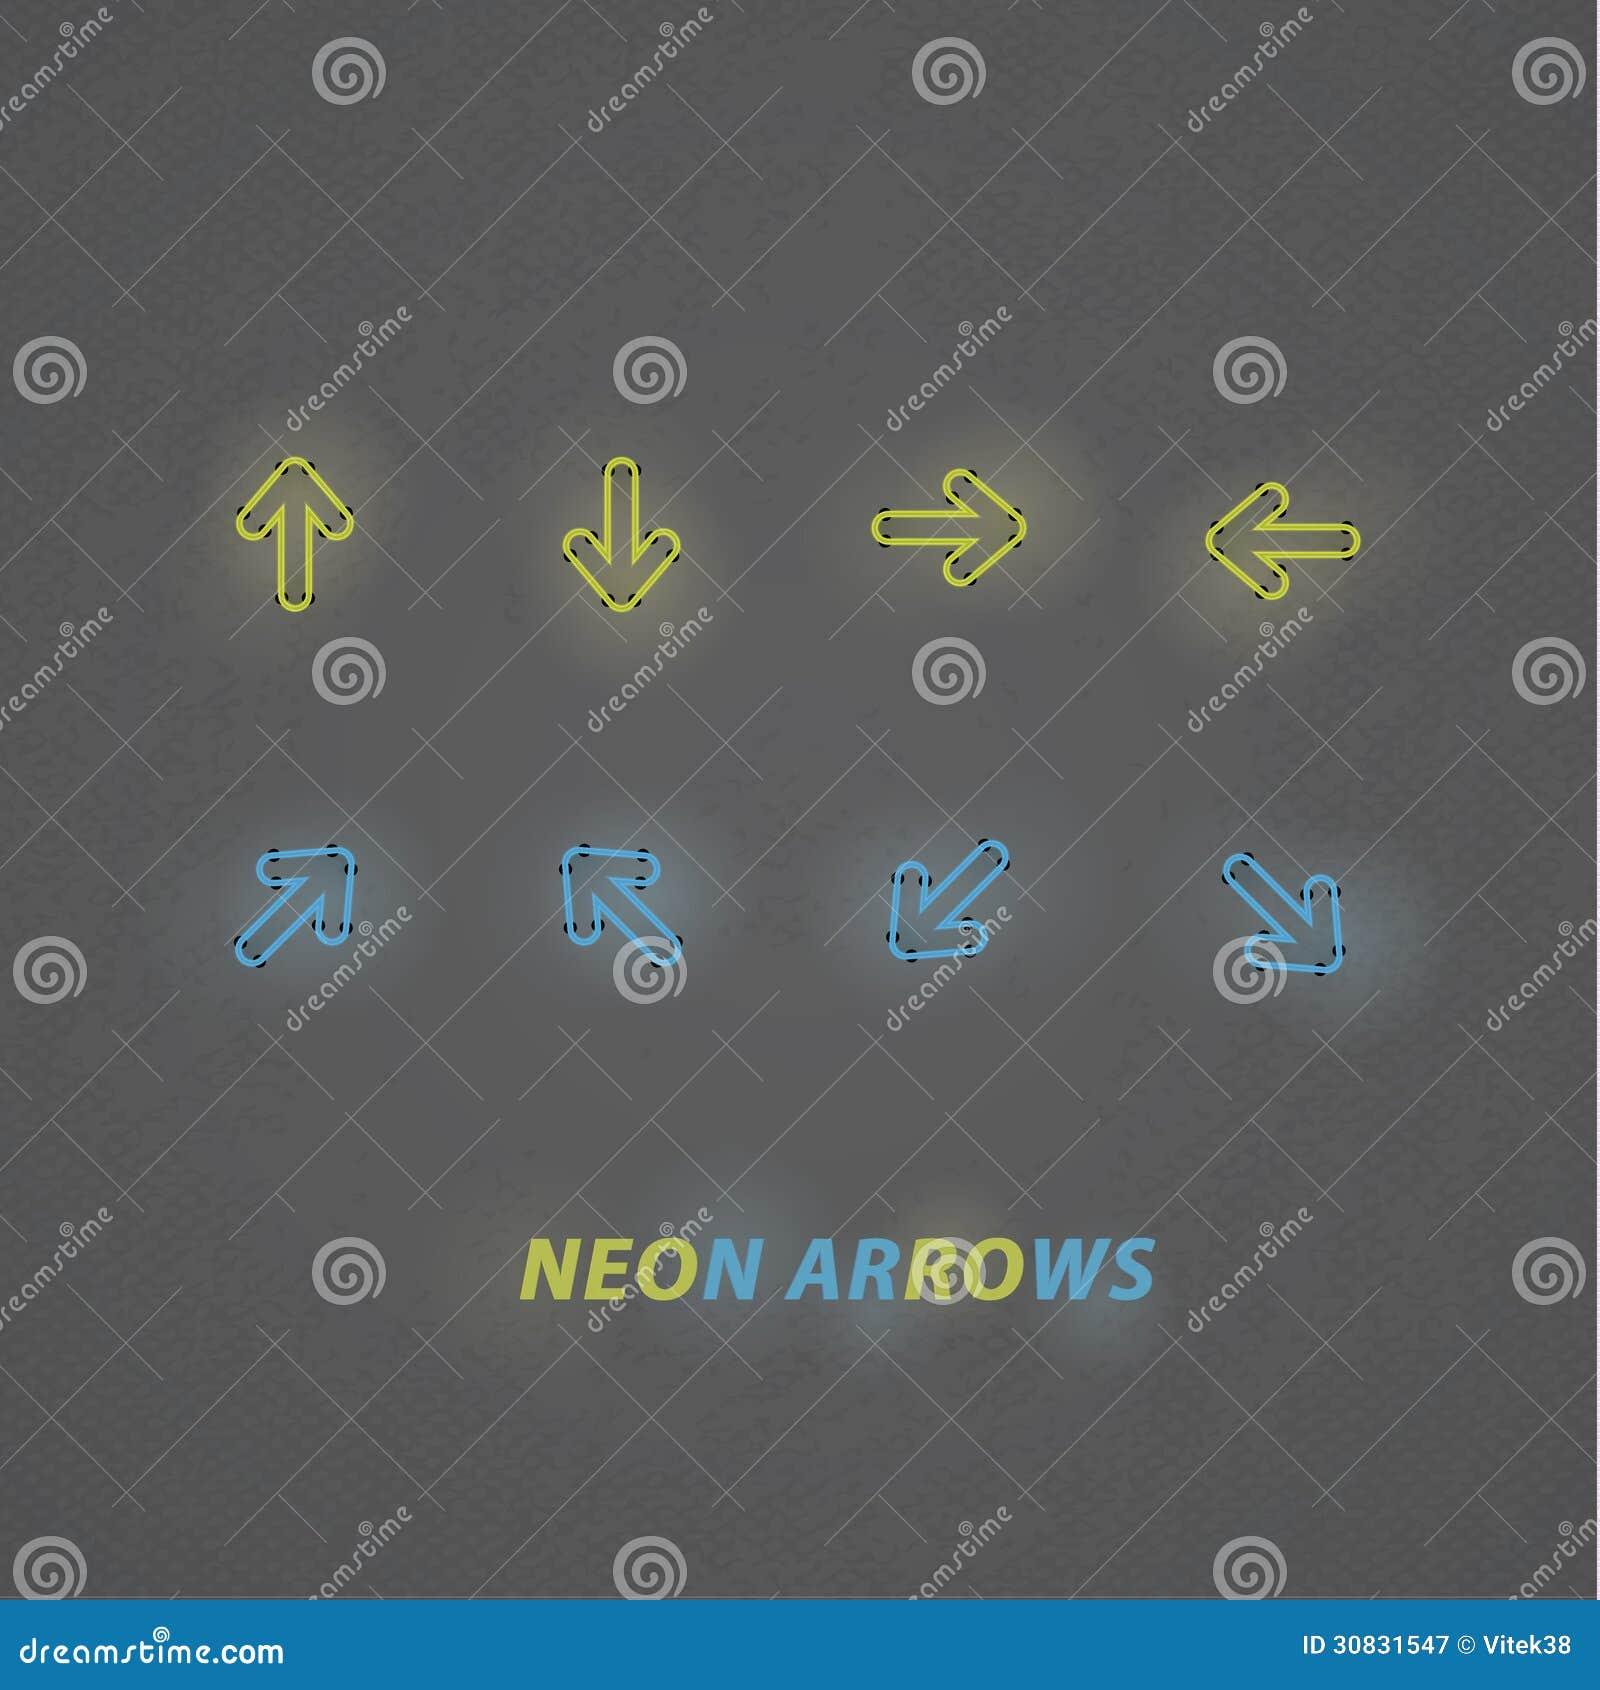 Frecce stilizzate del neon di vettore. Navigazione di progettazione moderna con buio